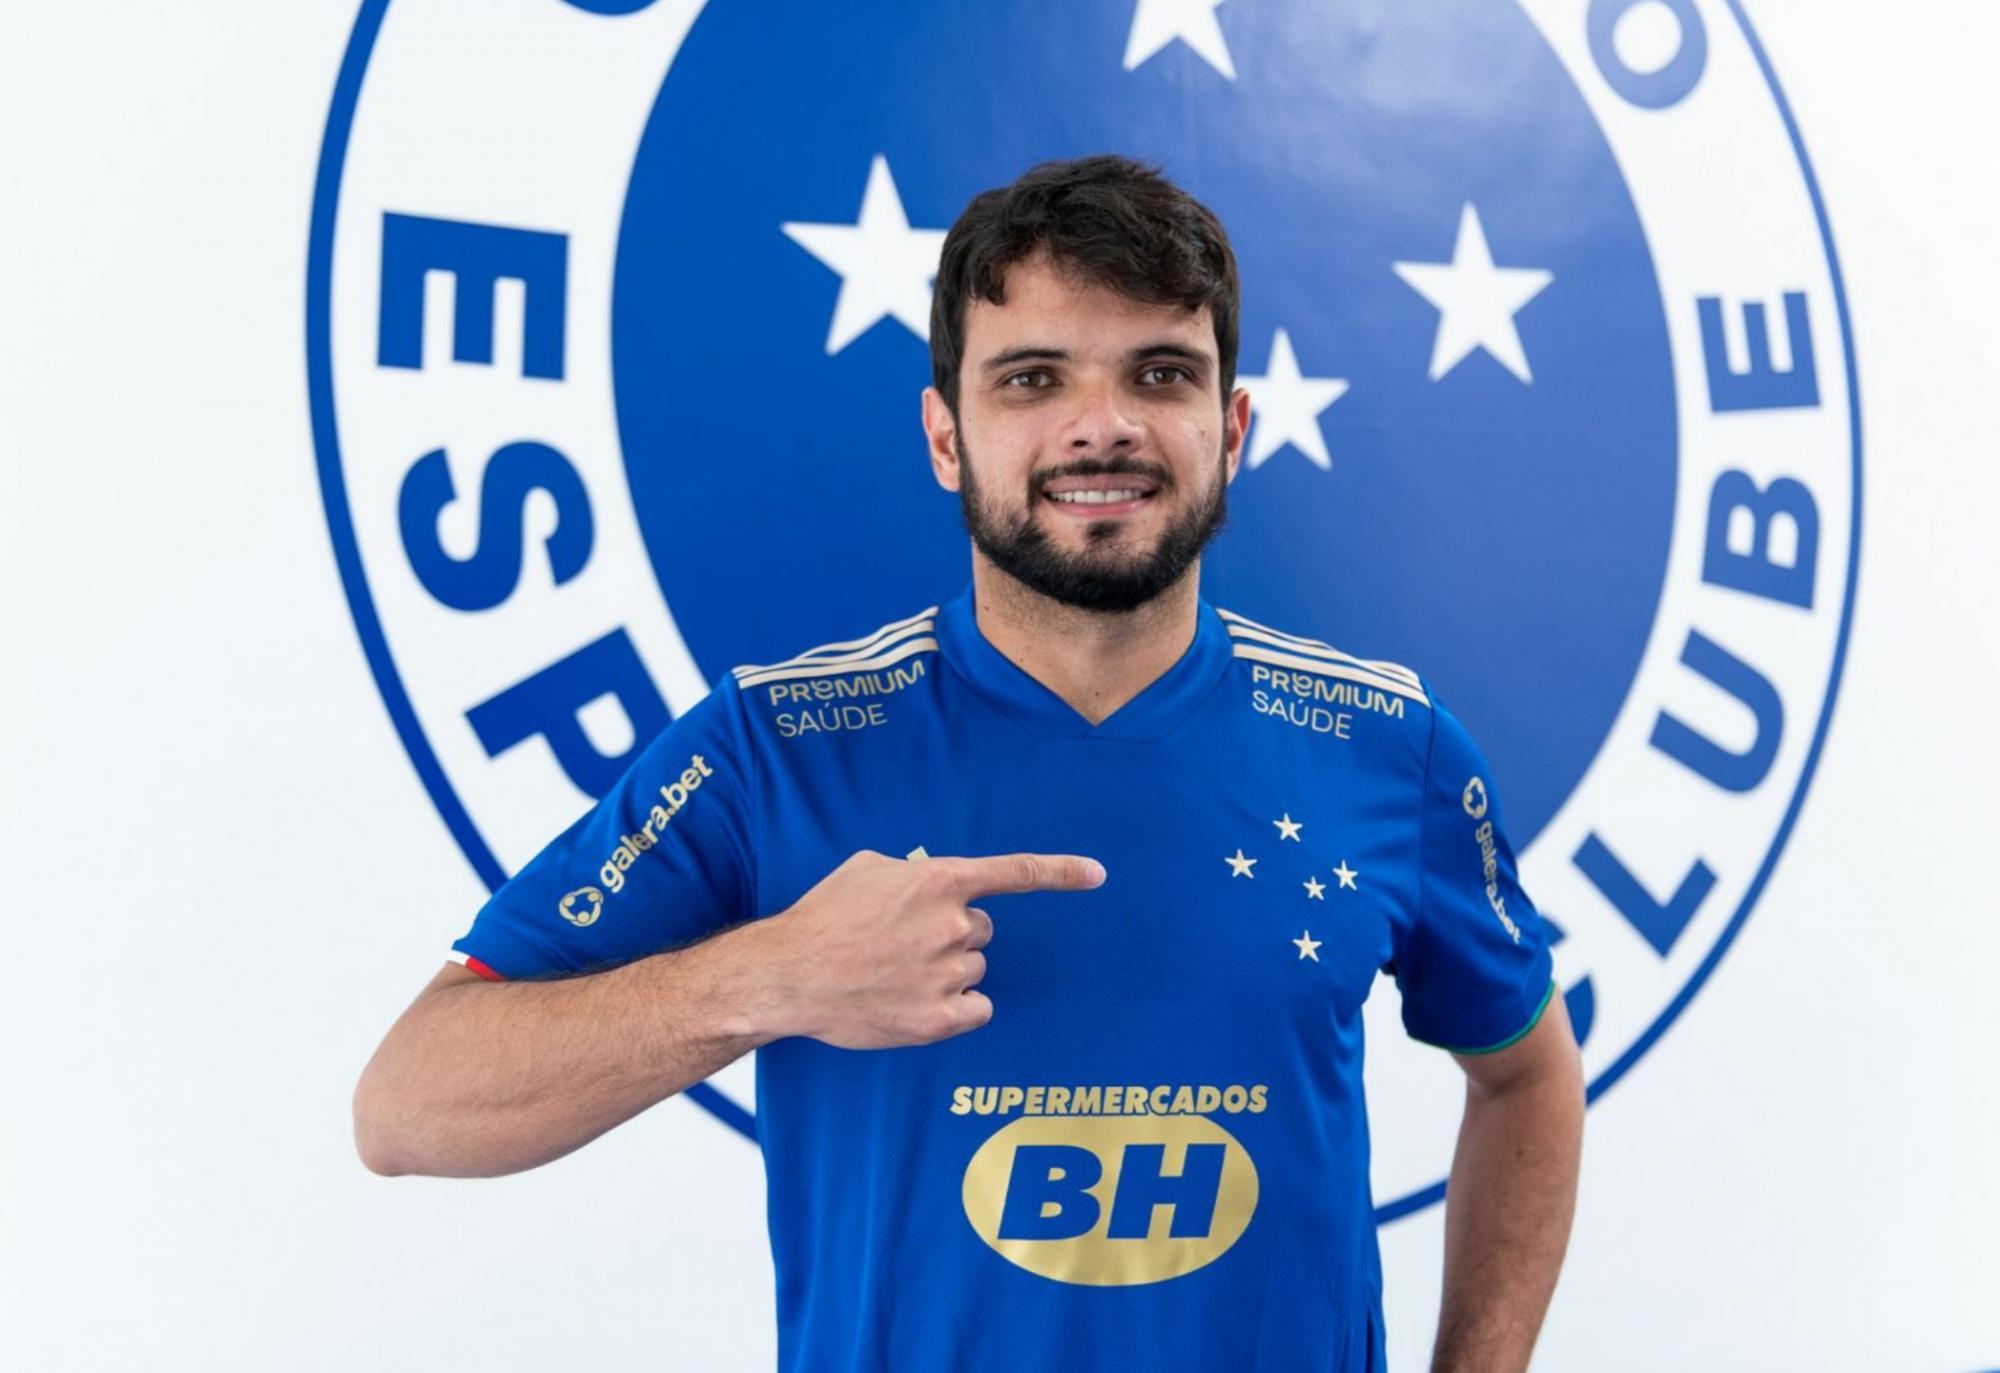 Norberto assina contrato com o Cruzeiro